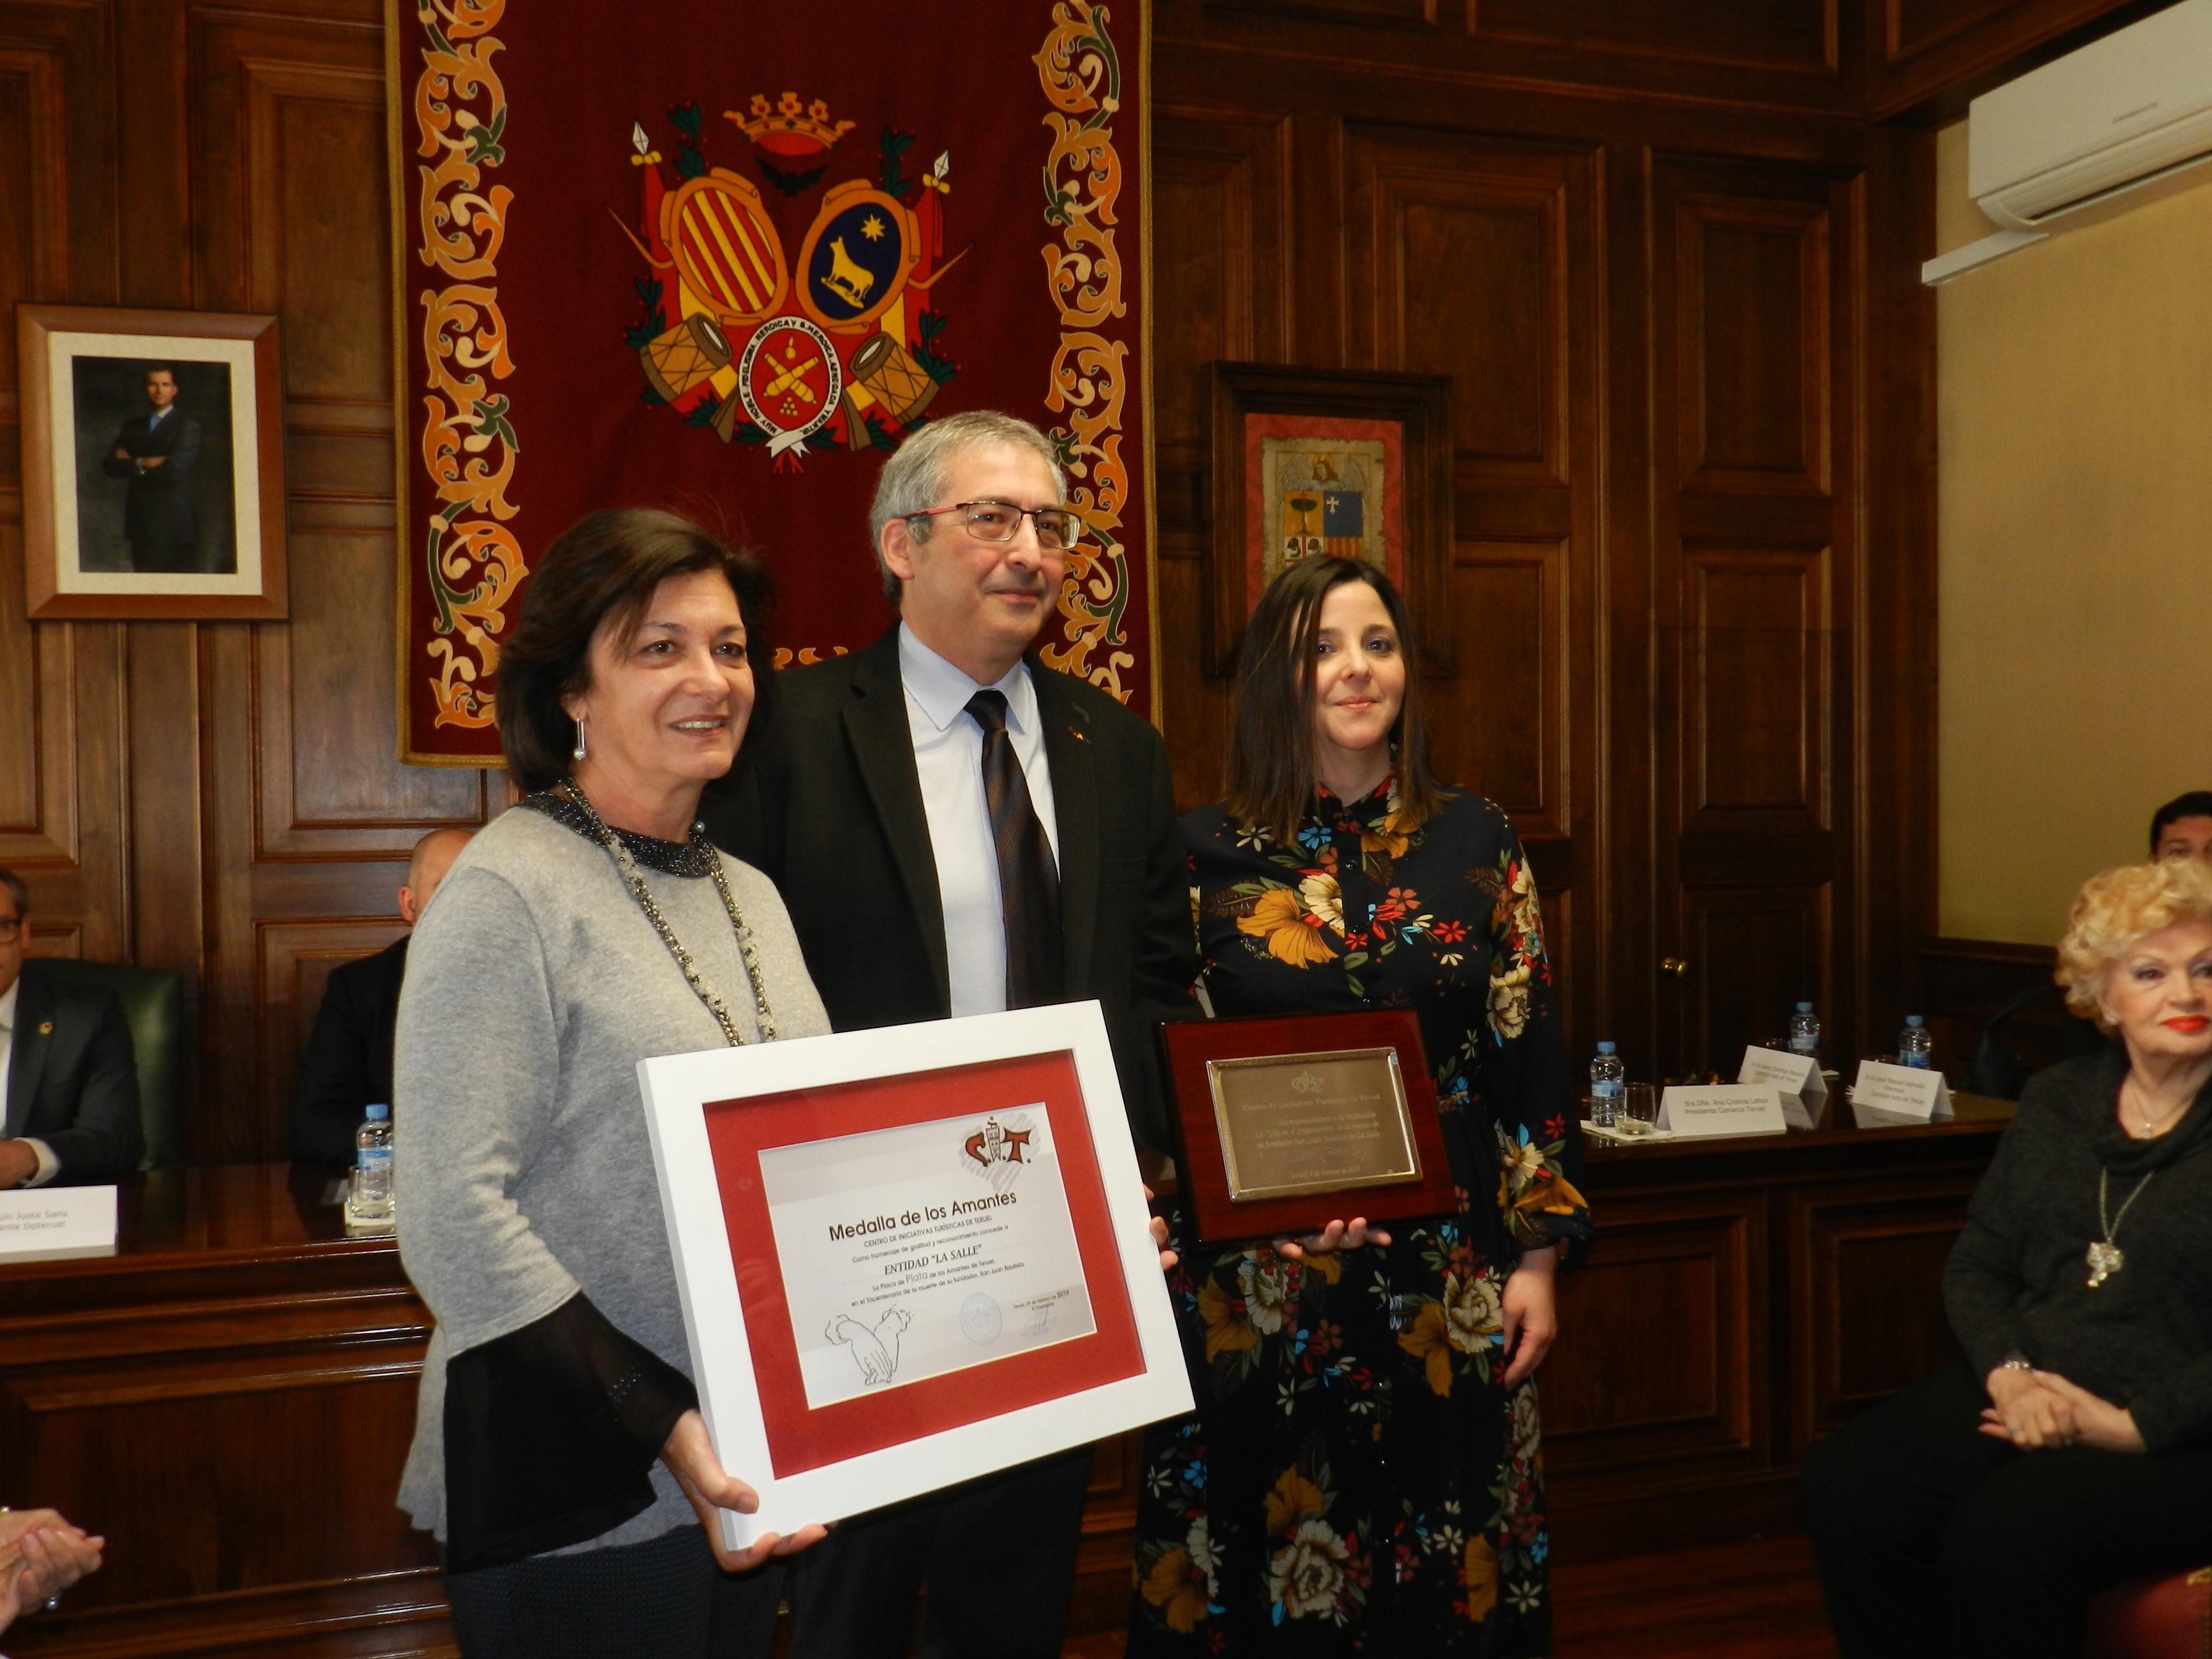 La Salle recibe la Placa de Plata del CITT por el 300 aniversario de la muerte del fundador